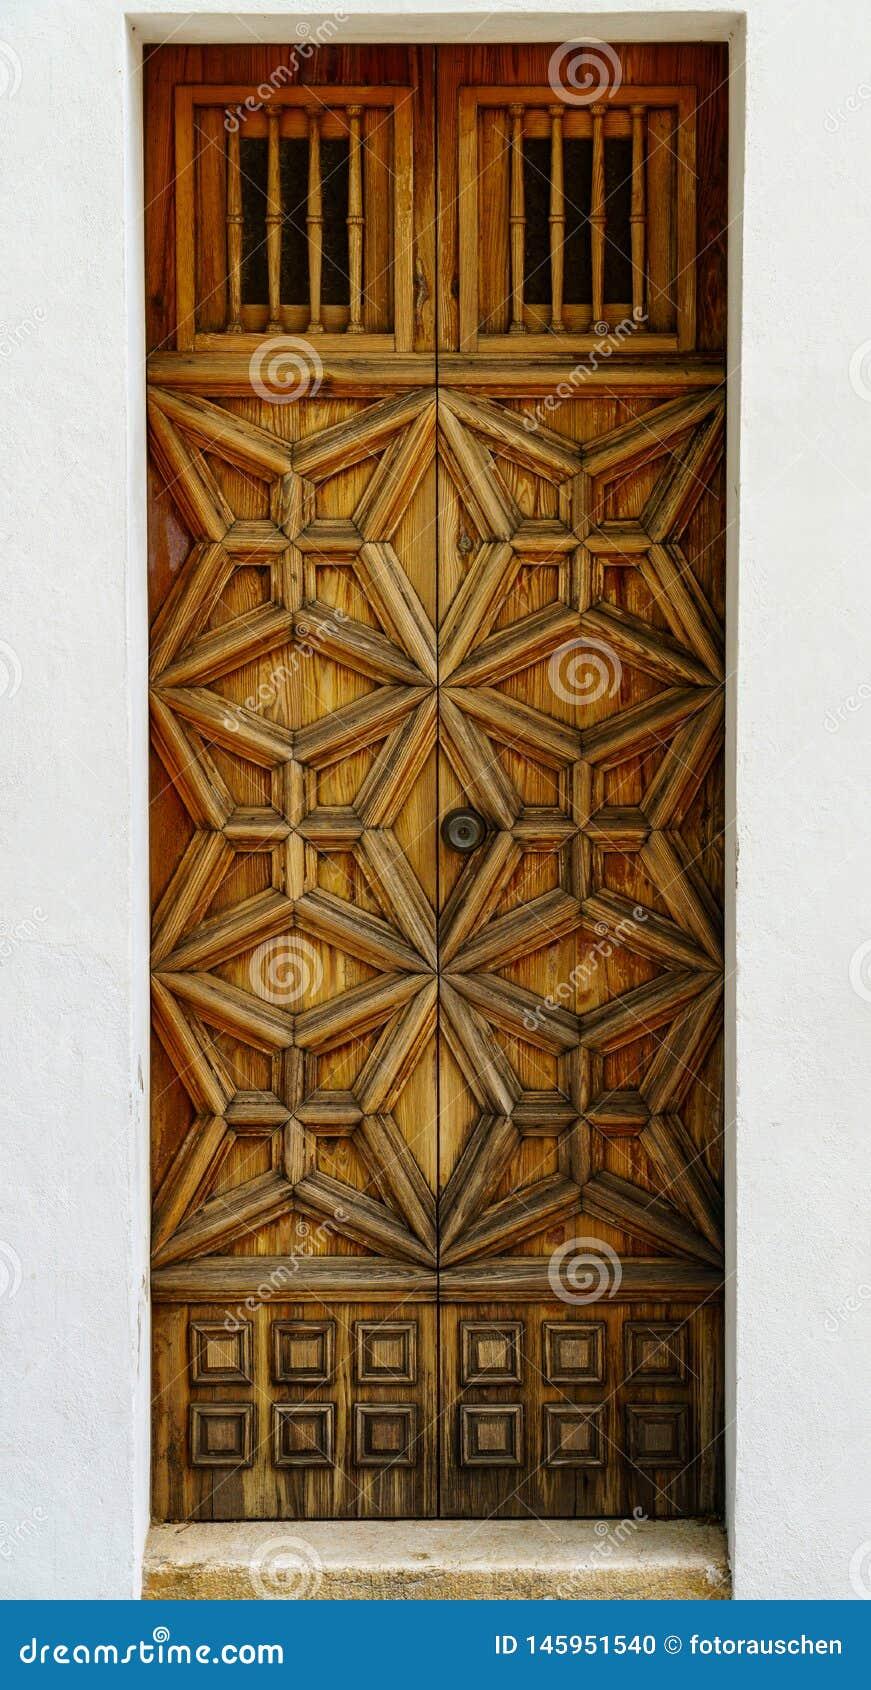 Porta da rua de madeira resistida com decoração ornamentado